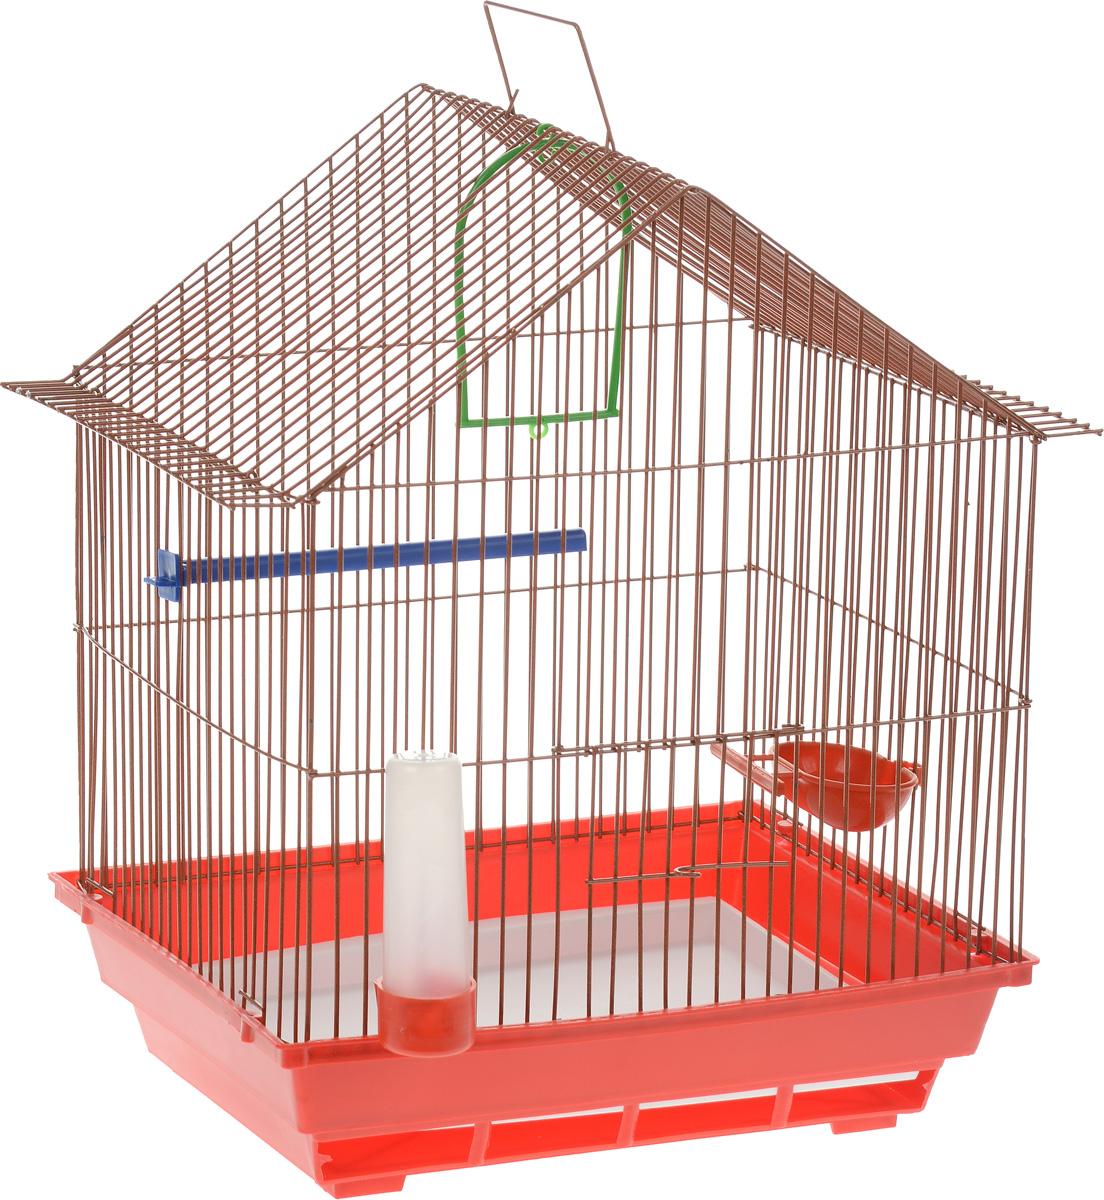 Клетка для птиц ЗооМарк, цвет: красный поддон, оранжевая решетка, 39 х 28 х 42 см410_красный/оранжевыйКлетка ЗооМарк, выполненная из полипропилена и металла с эмалированным покрытием, предназначена для мелких птиц. Изделие состоит из большого поддона и решетки. Клетка снабжена металлической дверцей. В основании клетки находится малый поддон. Клетка удобна в использовании и легко чистится. Она оснащена кольцом для птицы, поилкой, кормушкой и подвижной ручкой для удобной переноски. Комплектация: - клетка с поддоном; - малый поддон; - поилка; - кормушка; - кольцо.